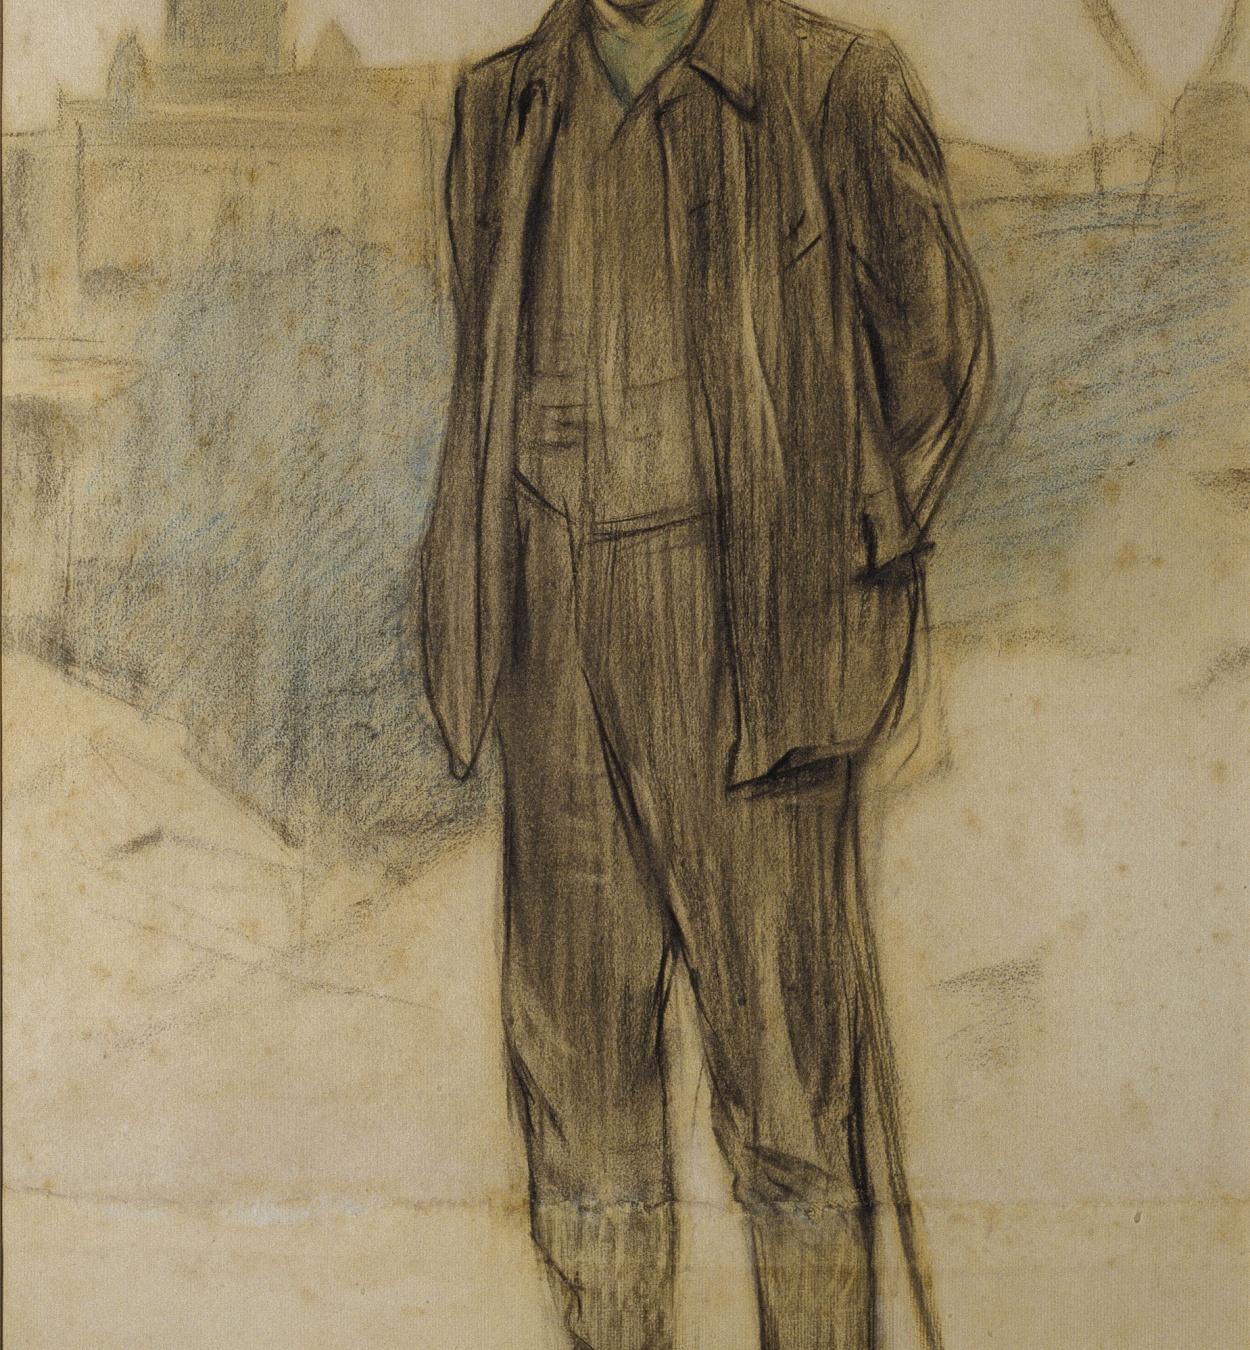 Museu Nacional d'Art de Catalunya | Retrat de Pablo Picasso